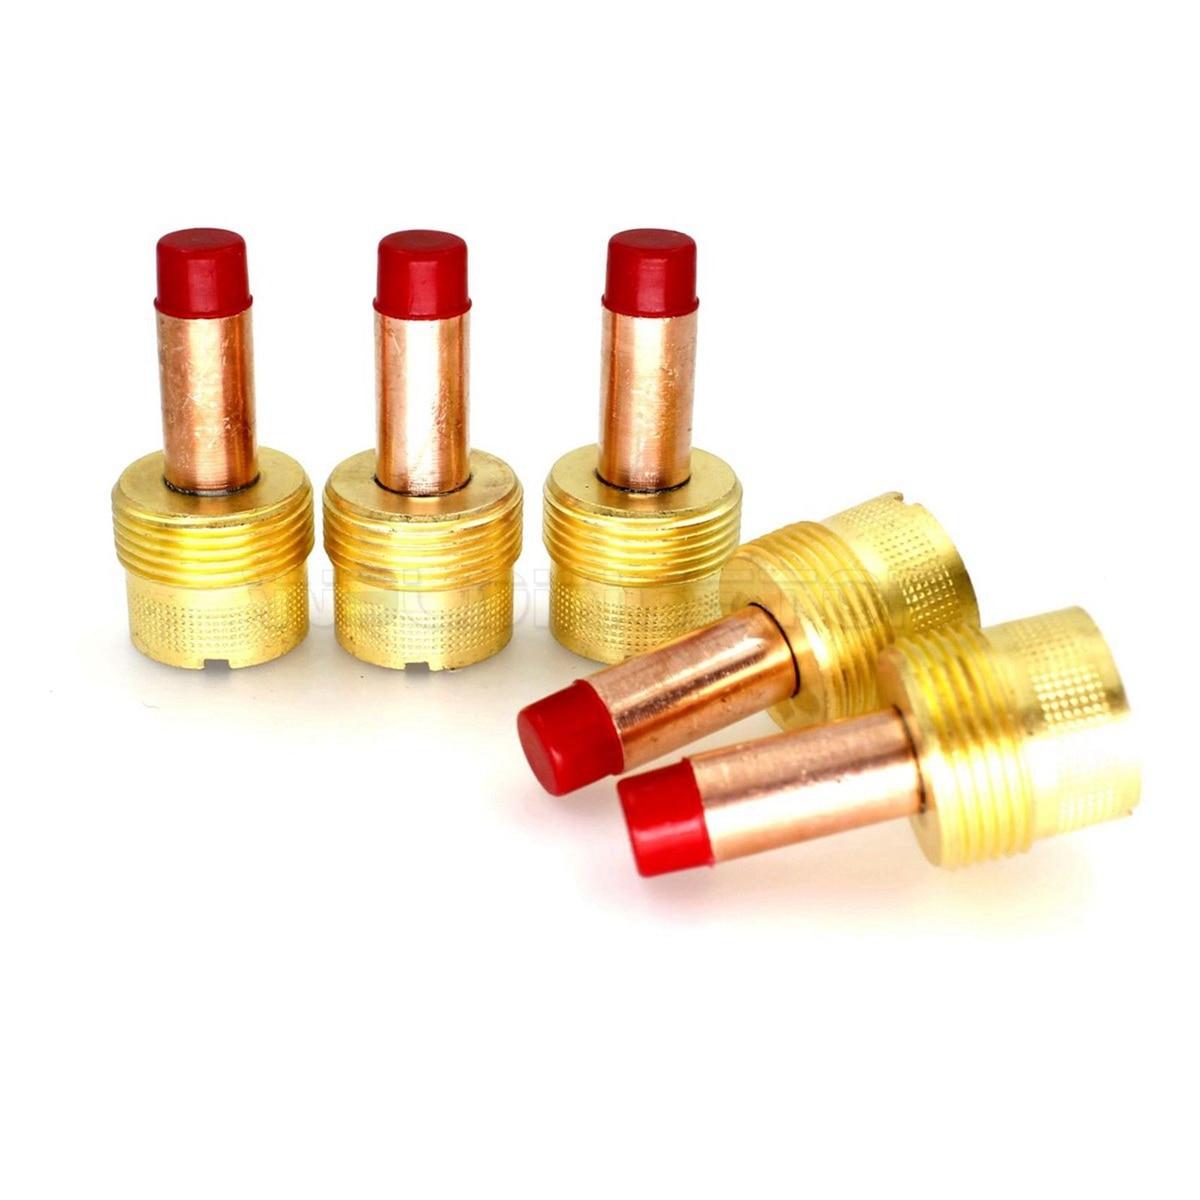 995795 TIG soldar Gran lente de Gas Cuerpo de 3,2mm para WP-17 18 26 antorcha PKG/5